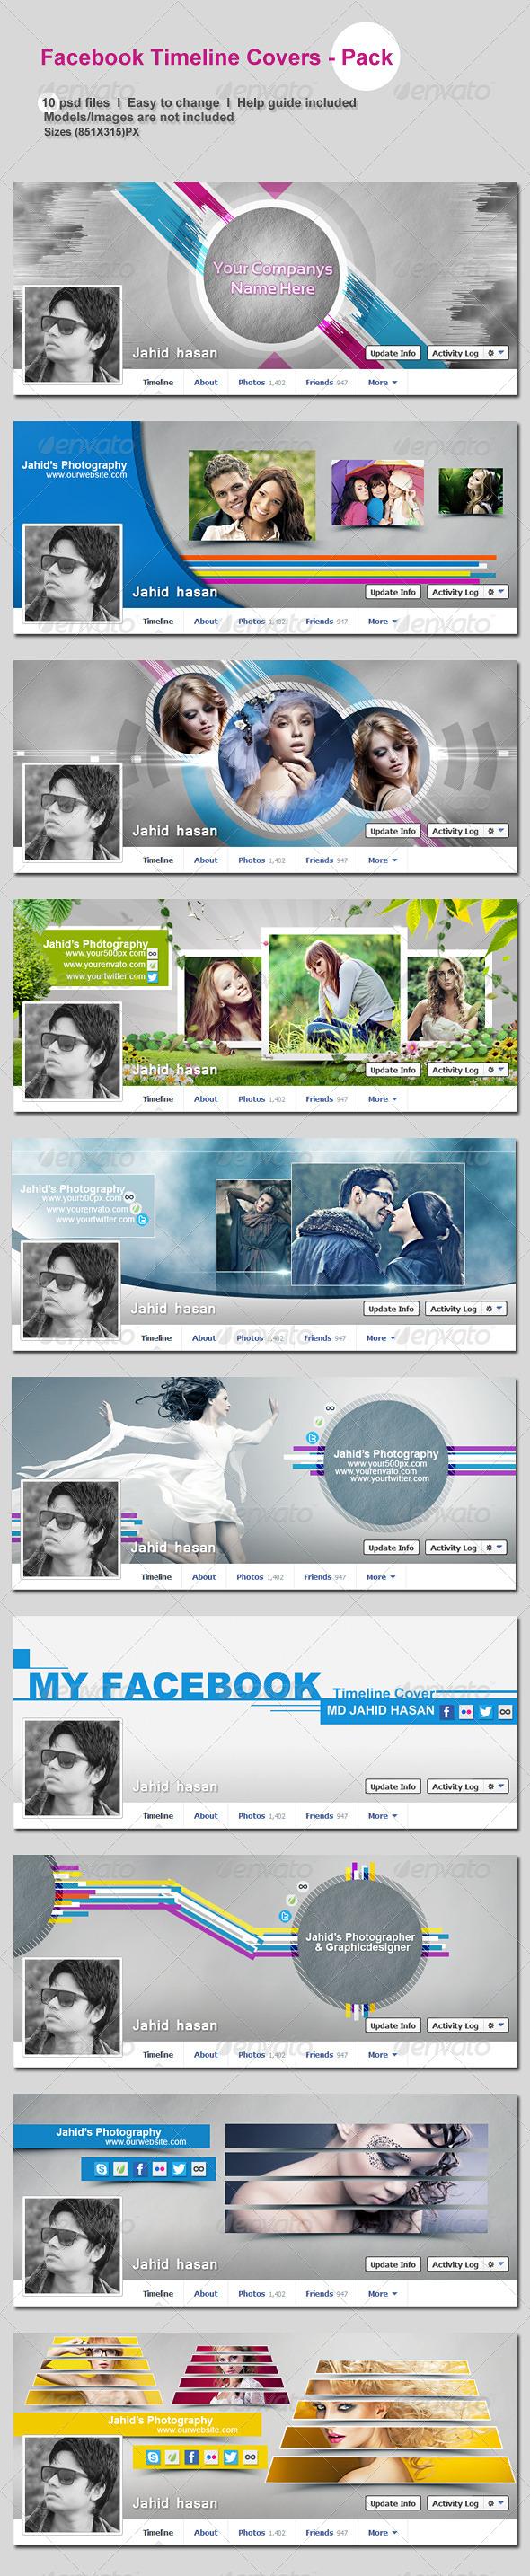 FaceBook Timeline Covers - Pack - Facebook Timeline Covers Social Media